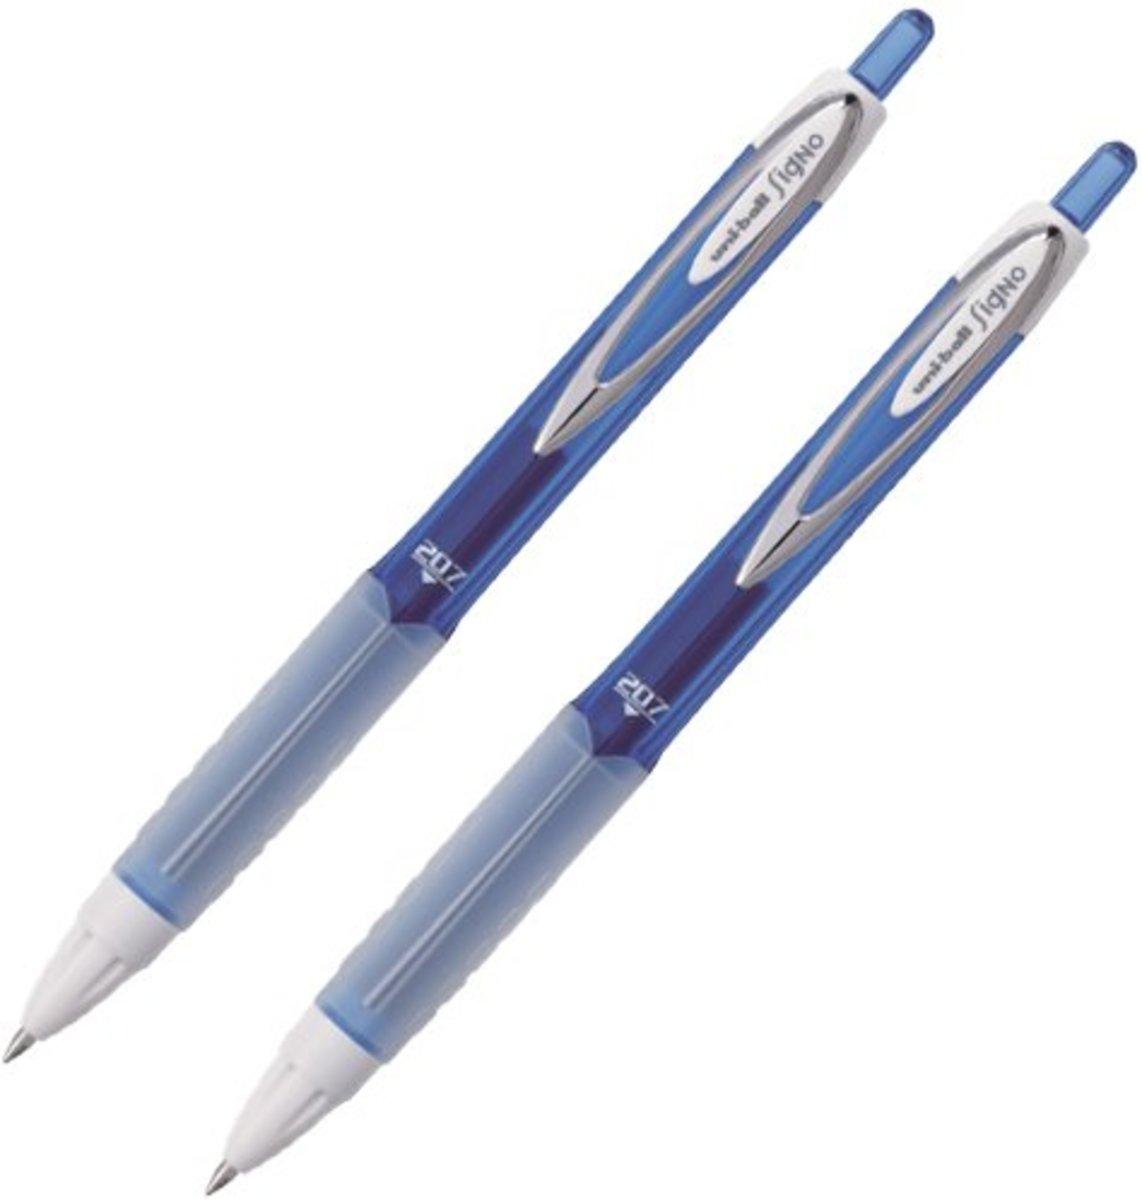 Signo UMN-207F Retractable Gel Ink Pen 0.7mm (Blue) X 2